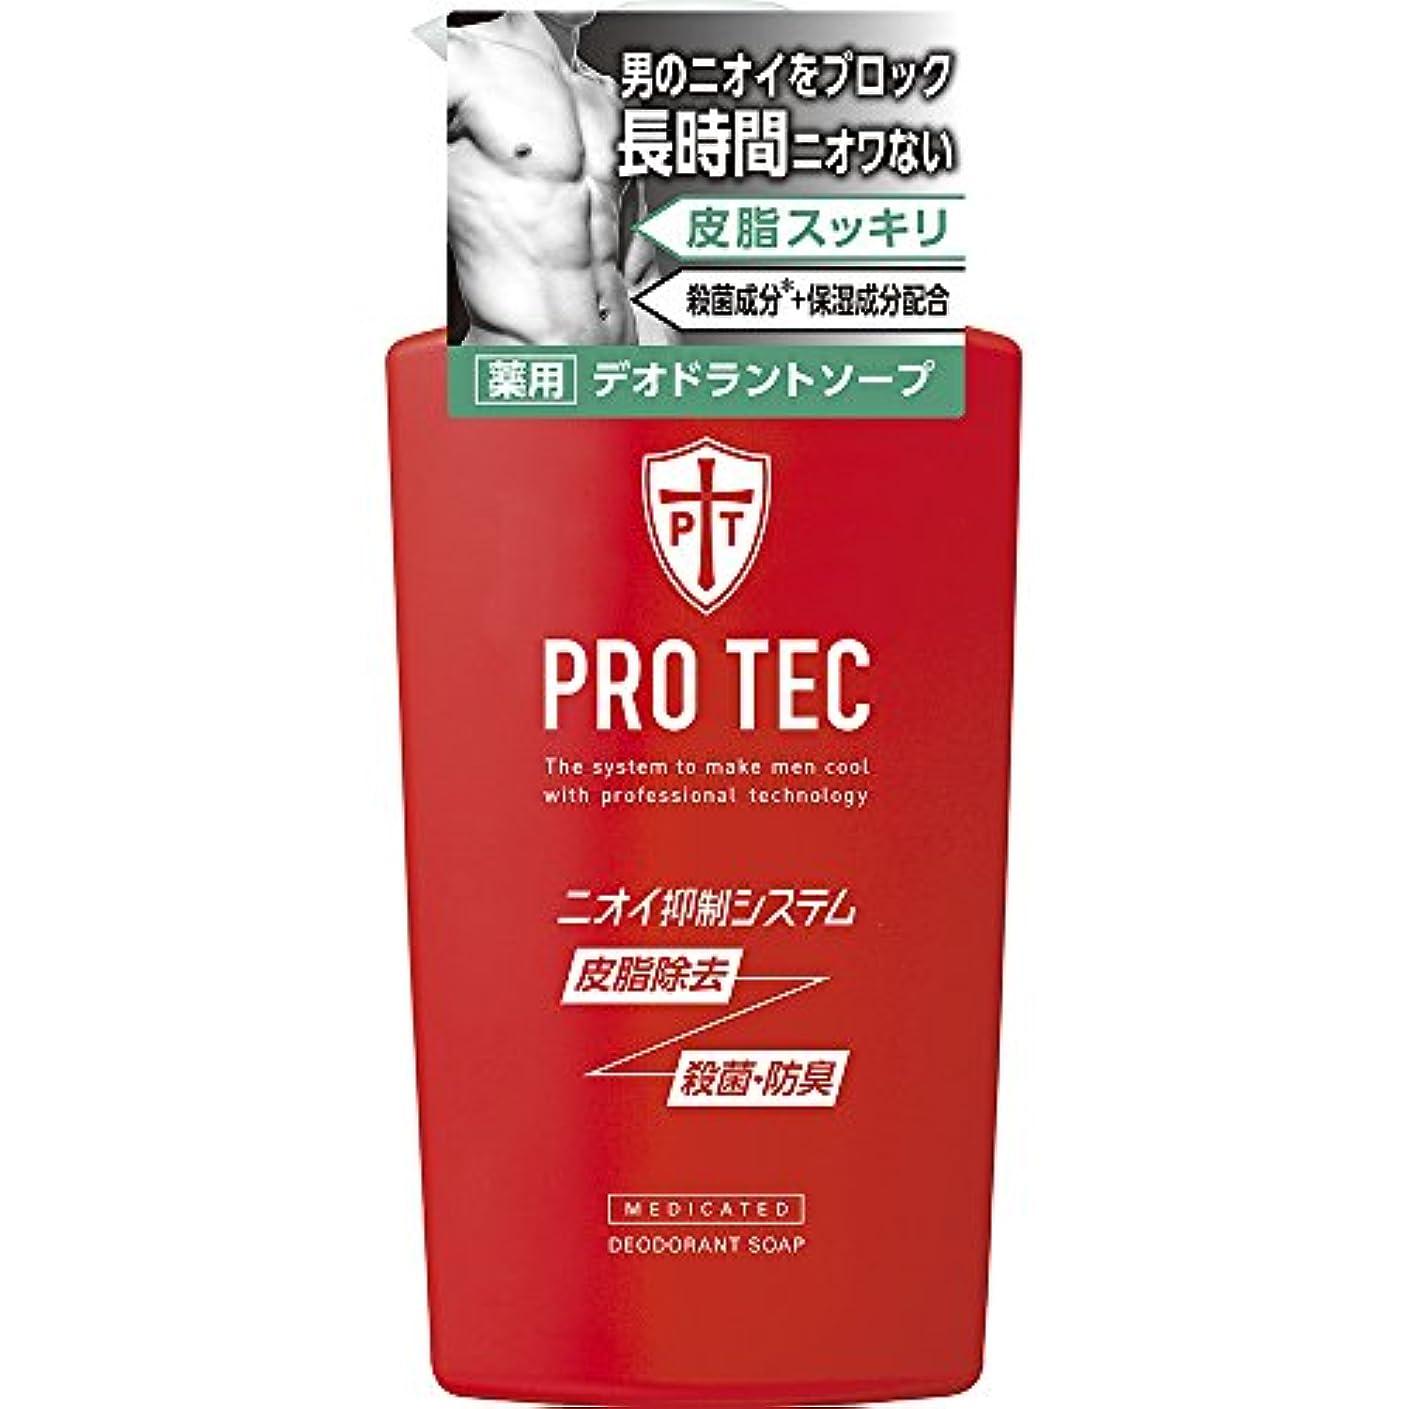 リー損失電報PRO TEC(プロテク) デオドラントソープ 本体ポンプ 420ml